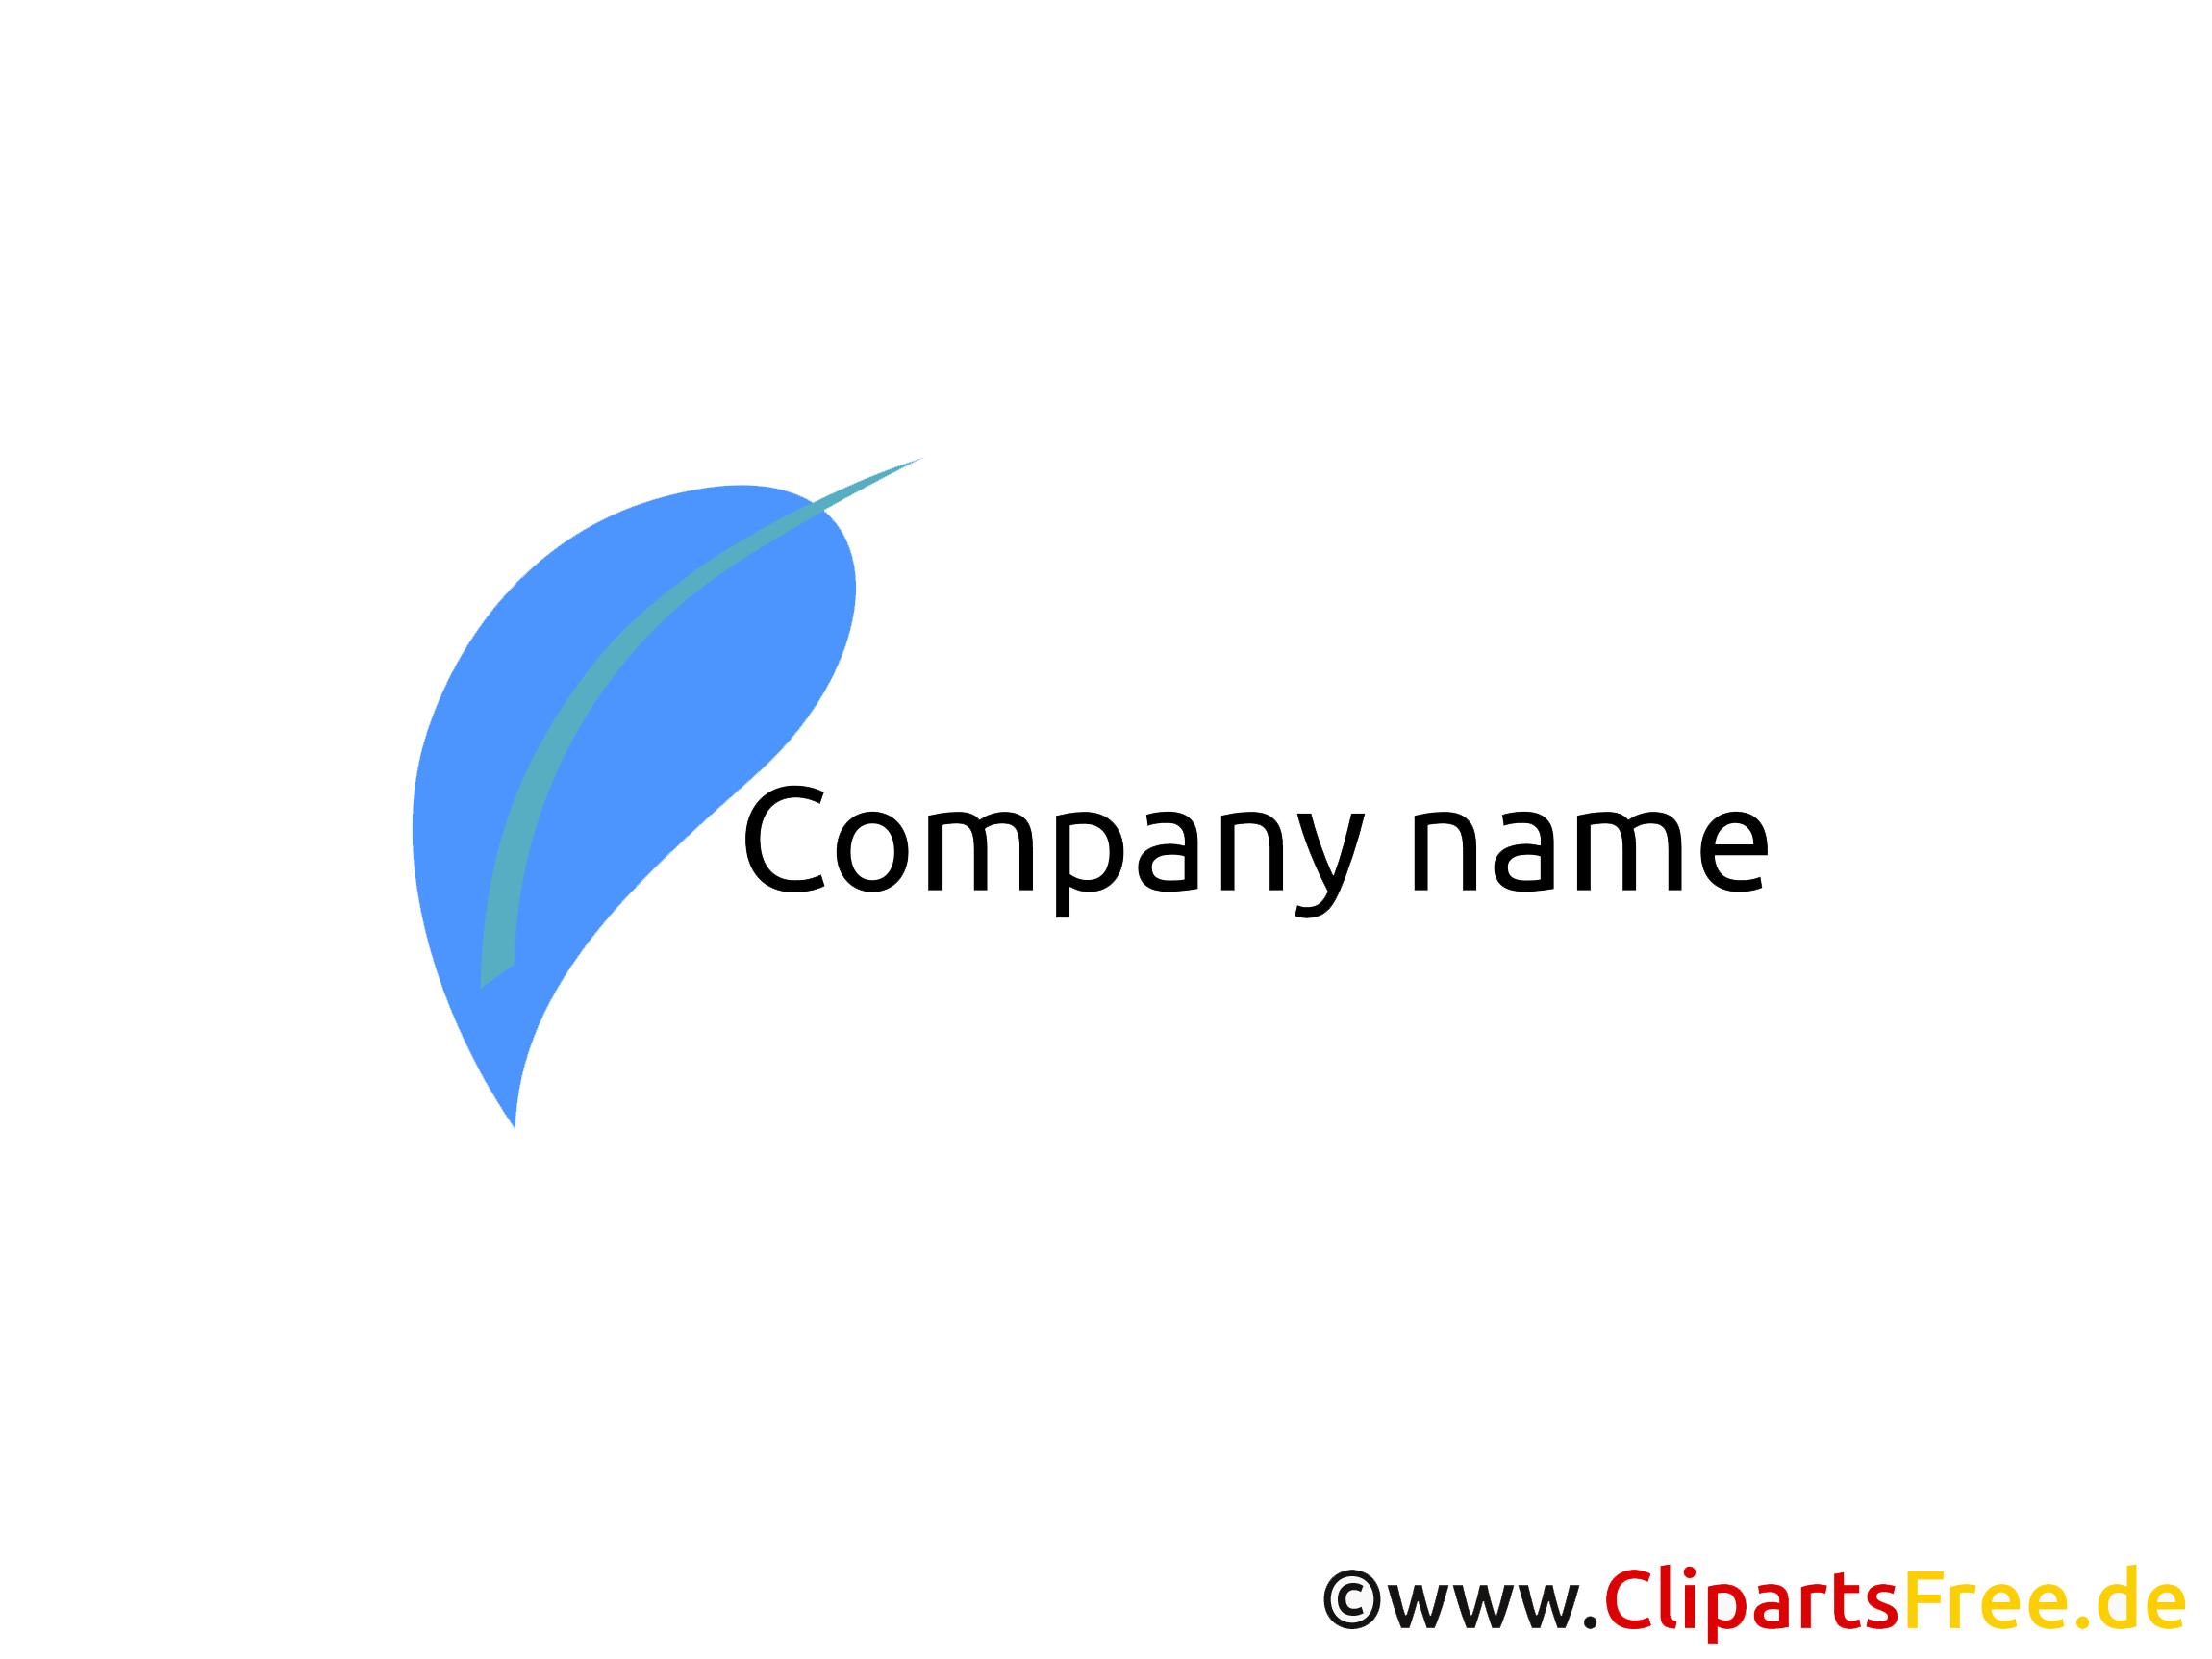 Gratis Vorlage zur Gestaltung von Logos